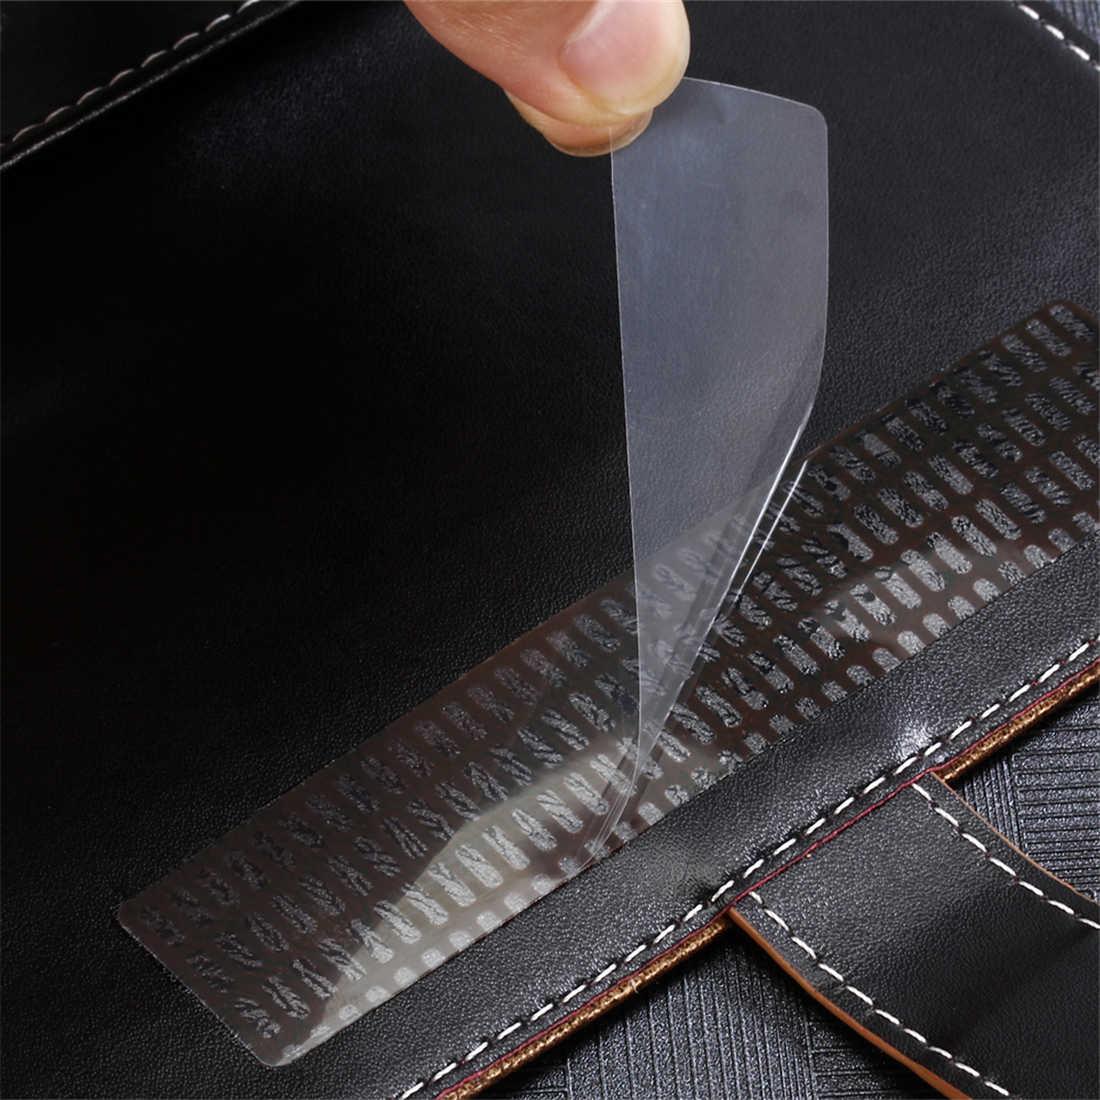 GUCOON الأزياء التمساح محفظة لسامسونج غالاكسي أمبير رئيس 2 حالة الفاخرة جراب هاتف من الجلد الاصطناعي حقيبة عالية الجودة حقيبة يد